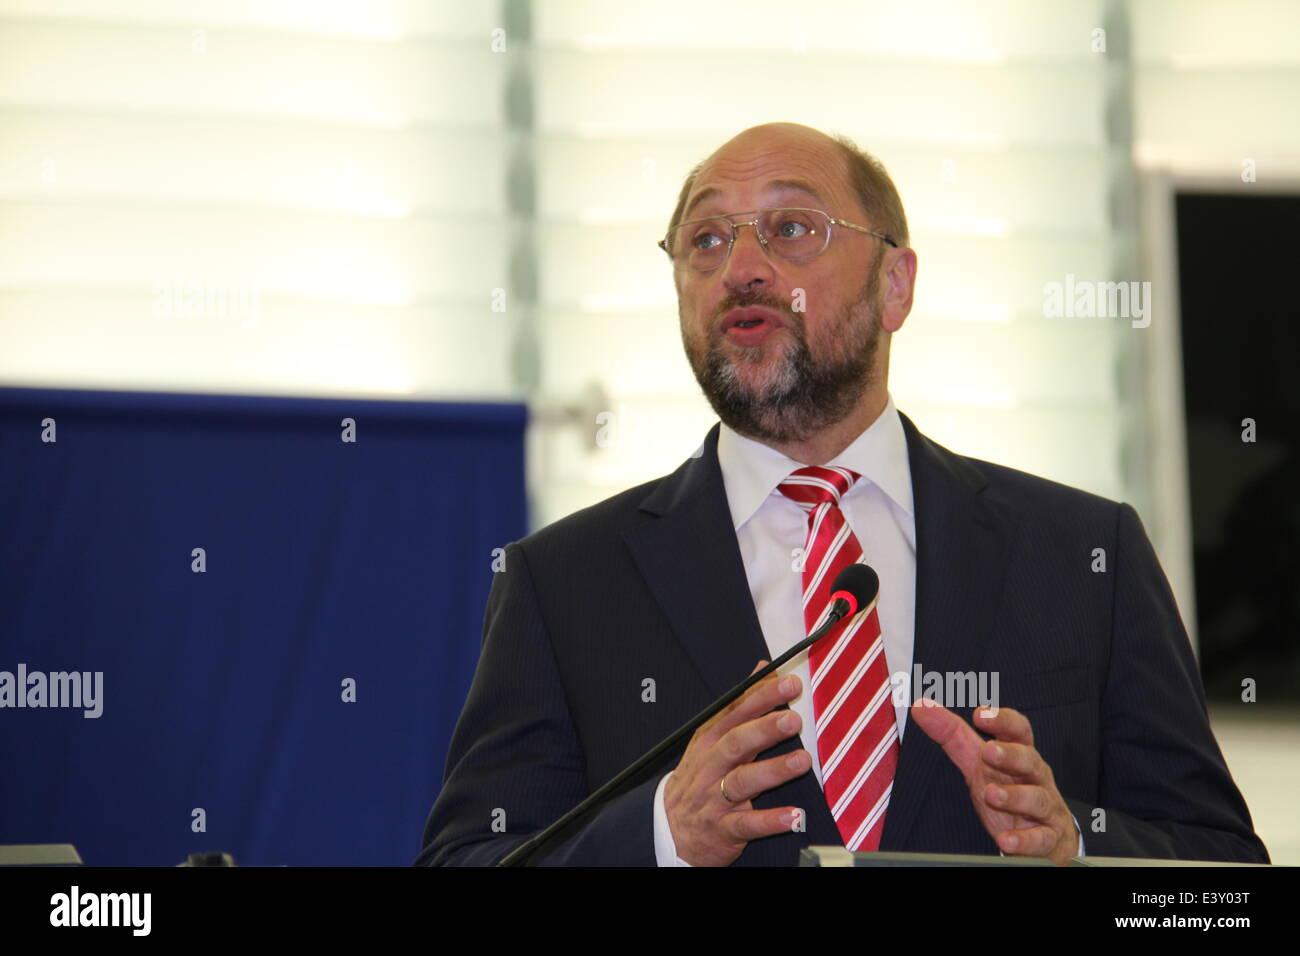 Straßburg, Frankreich. 1. Juli 2014. Martin Schulz befasst sich das Europäische Parlament (EP) nach der Stockbild